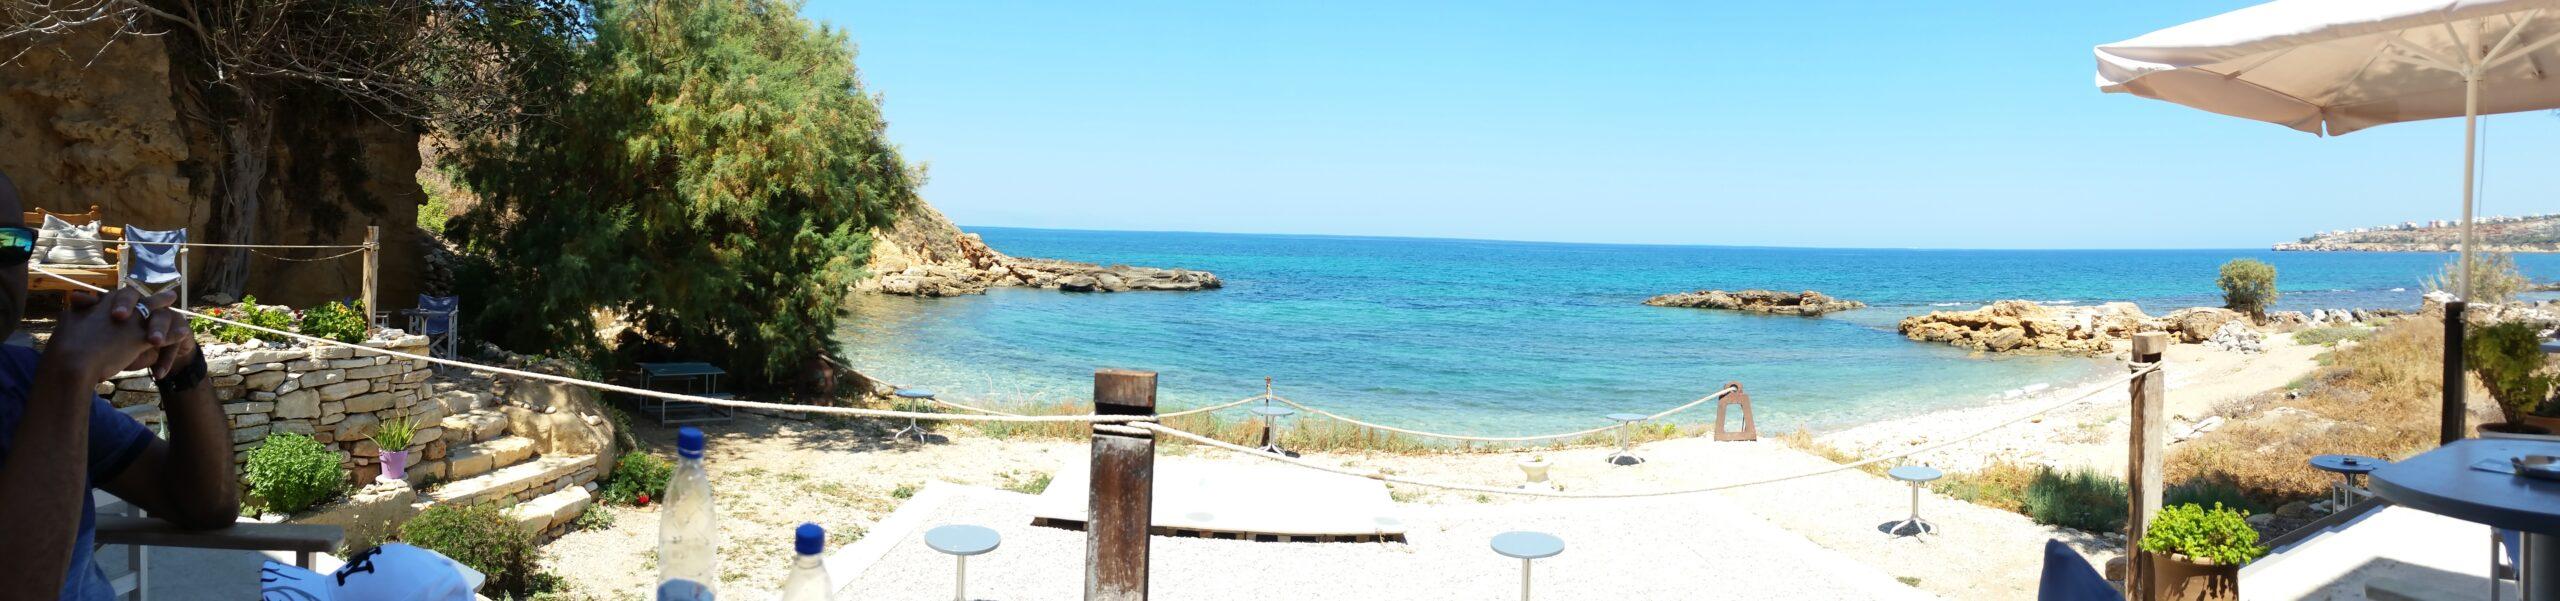 Oxo Nou Sea View